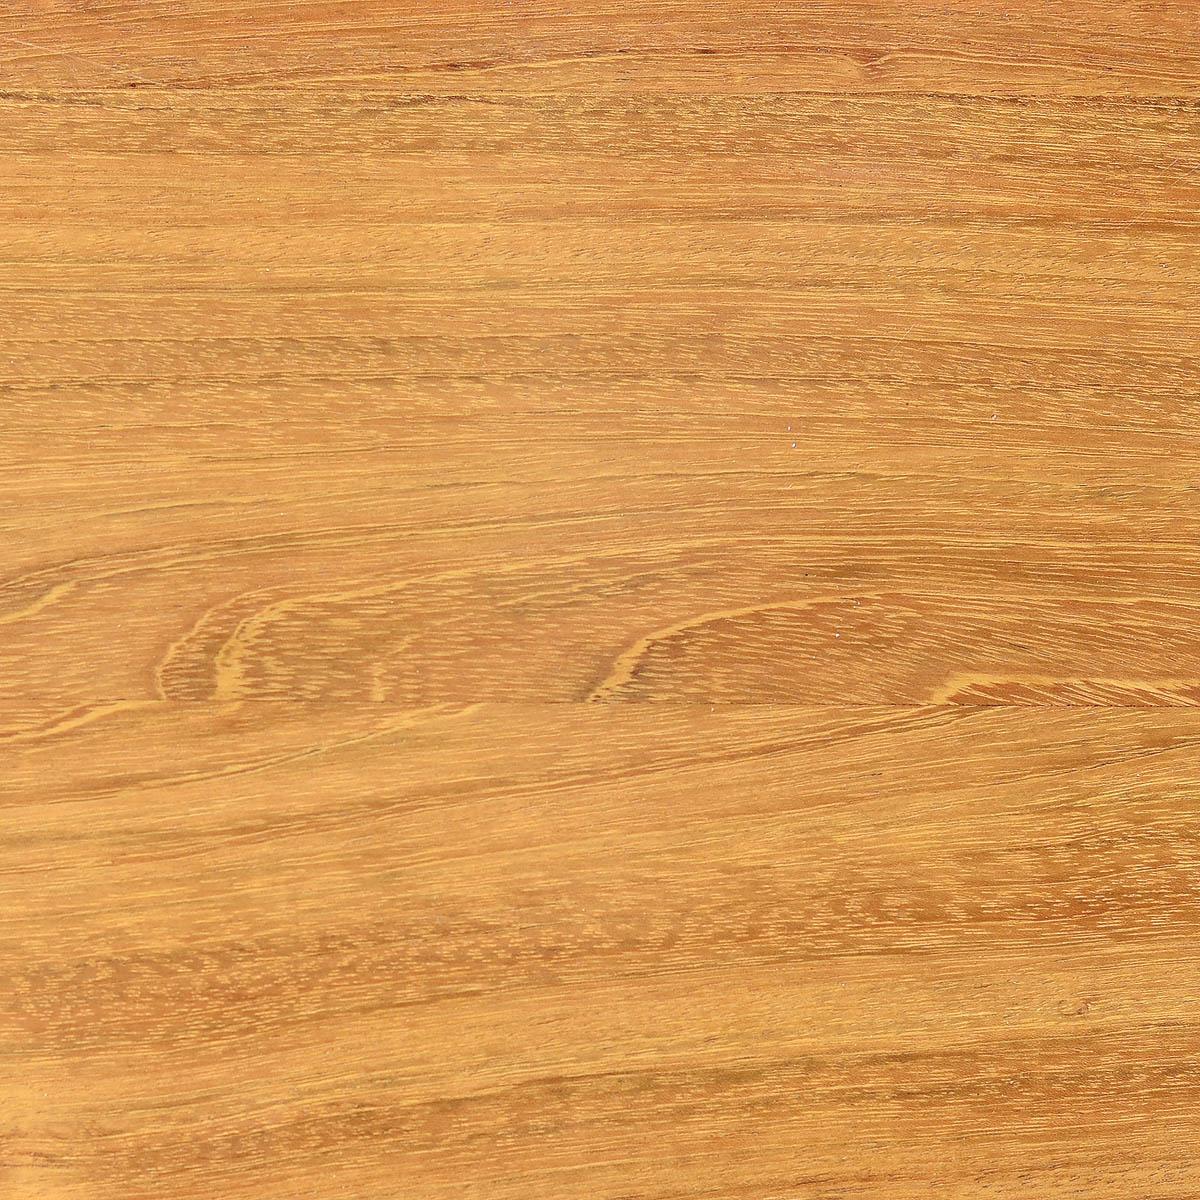 Schody drewniane Olsztyn - Iroko